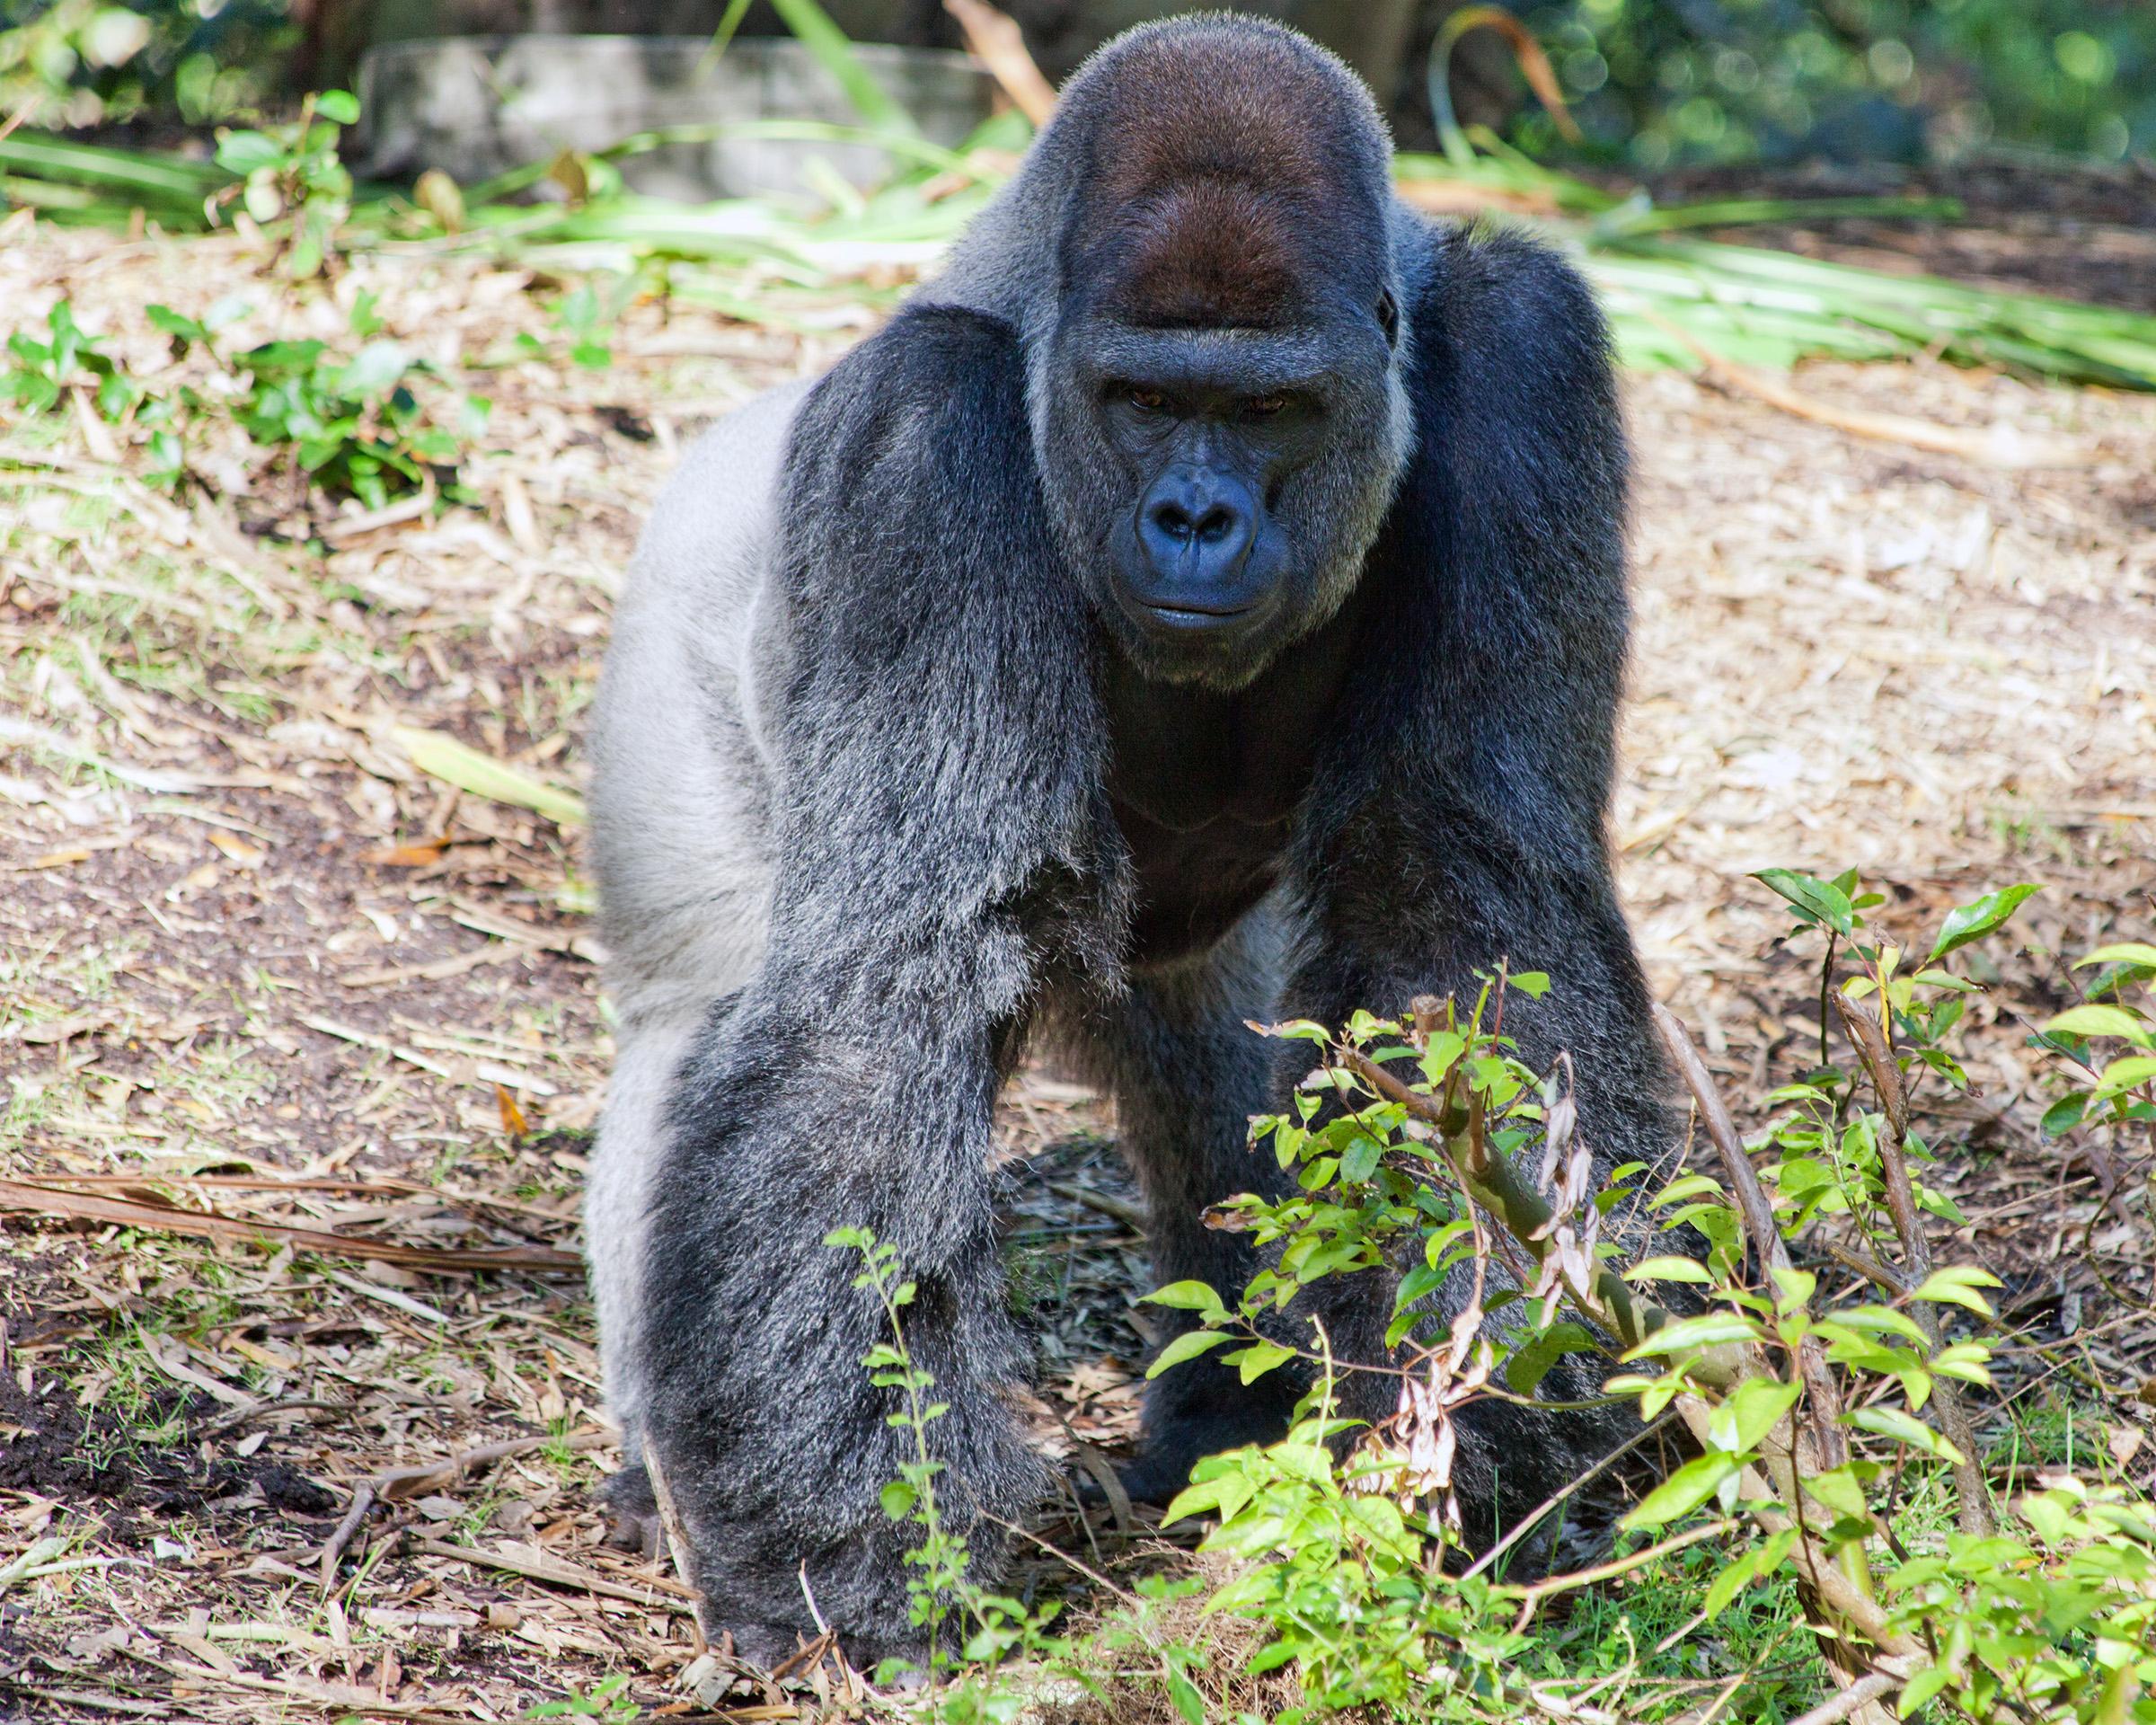 Обогащение окружающей среды для трех видов человекообразных обезьян в зоопарке Крефельда – исследование по занятости животных с помощью учрежденных методов